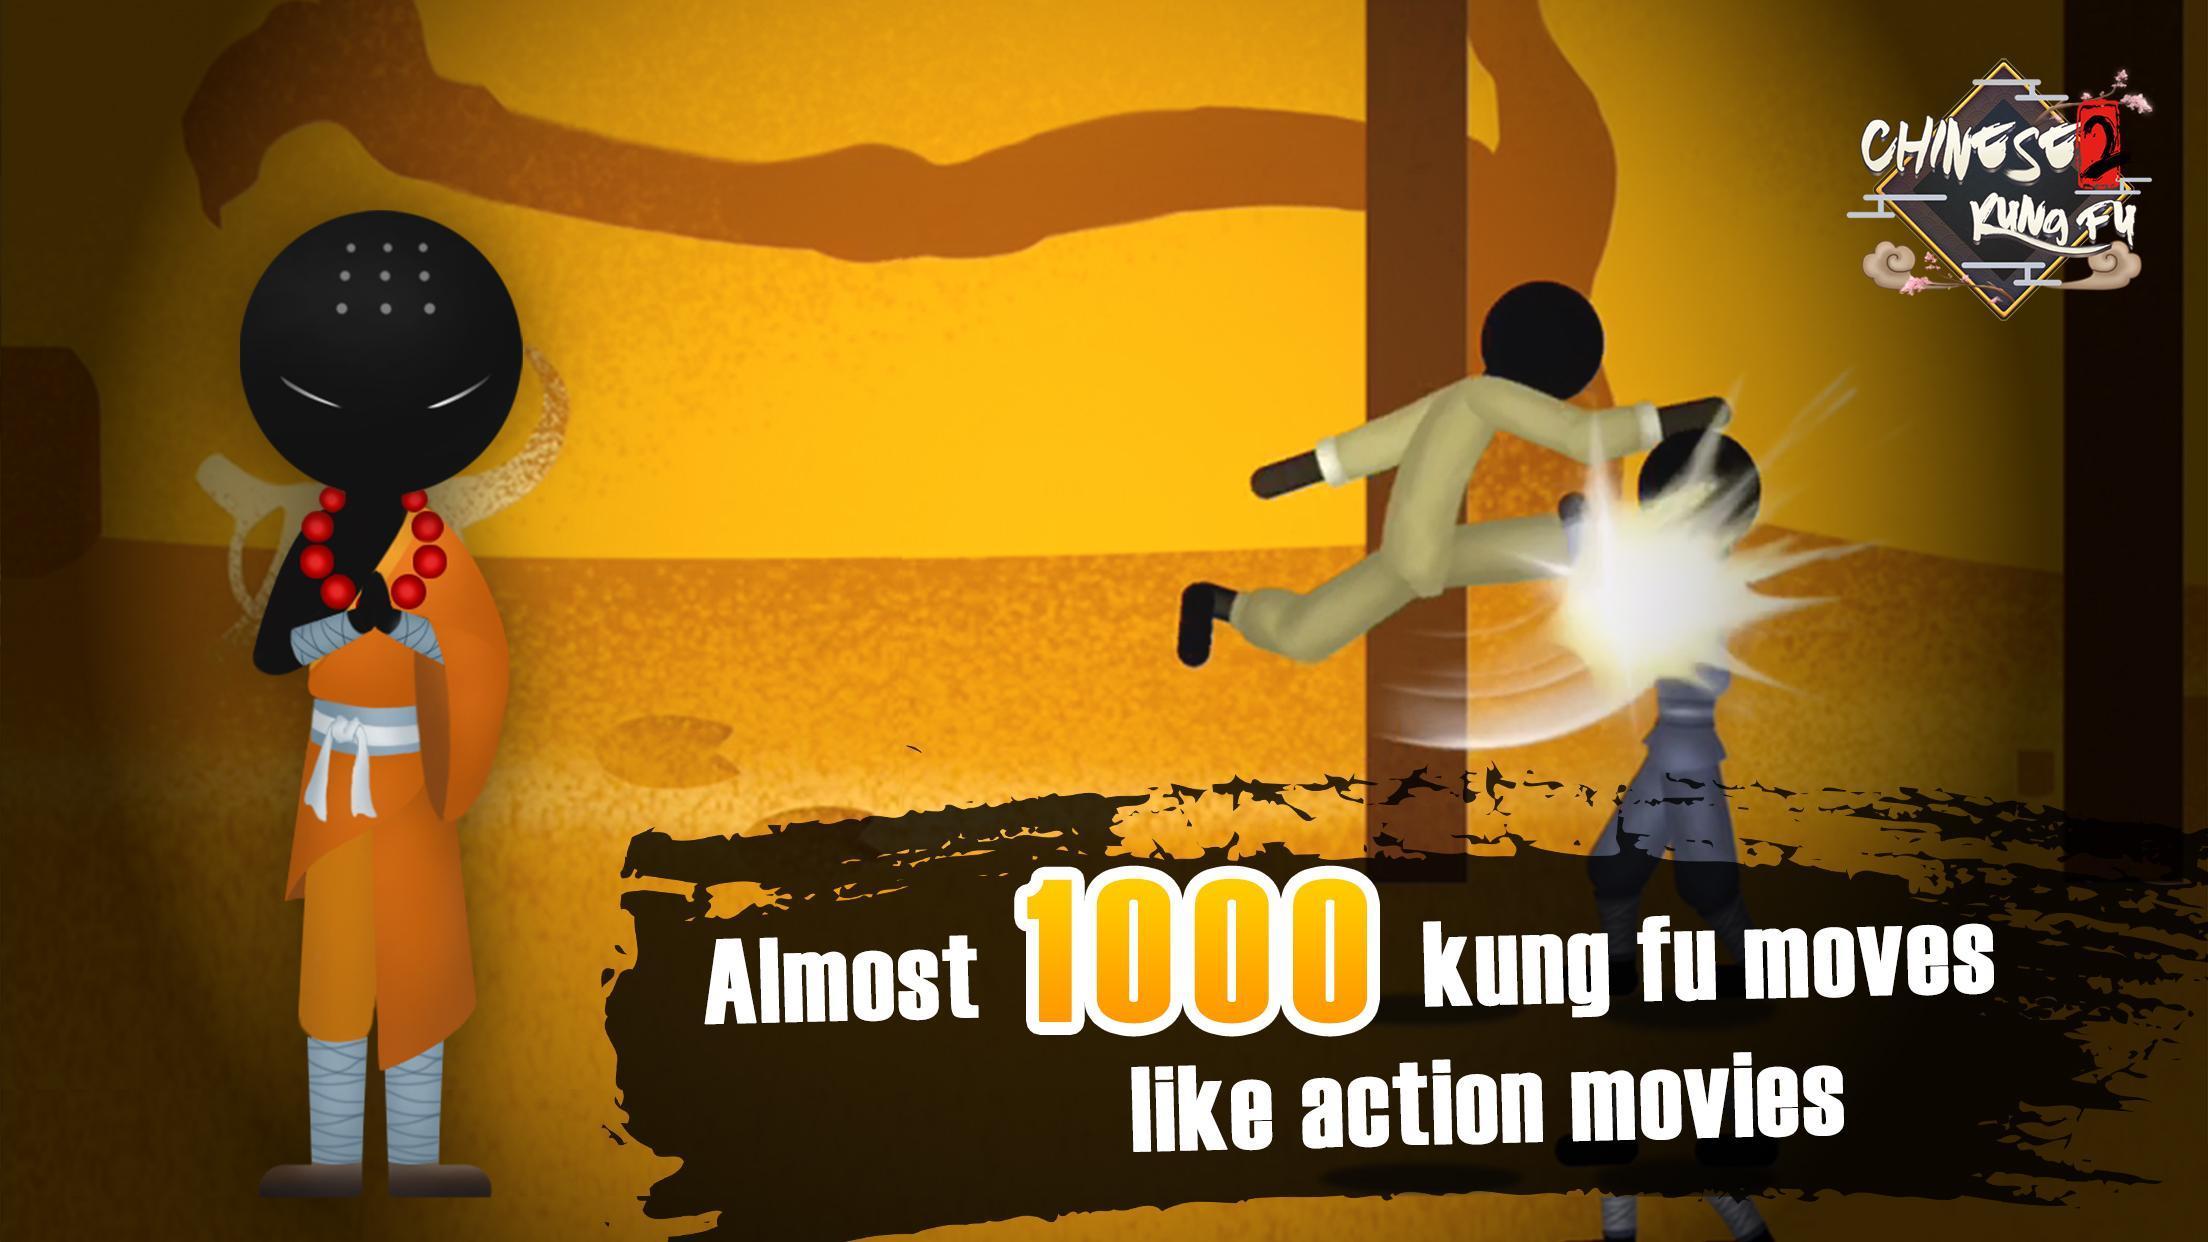 Chinese Kungfu 3.2.1 Screenshot 17